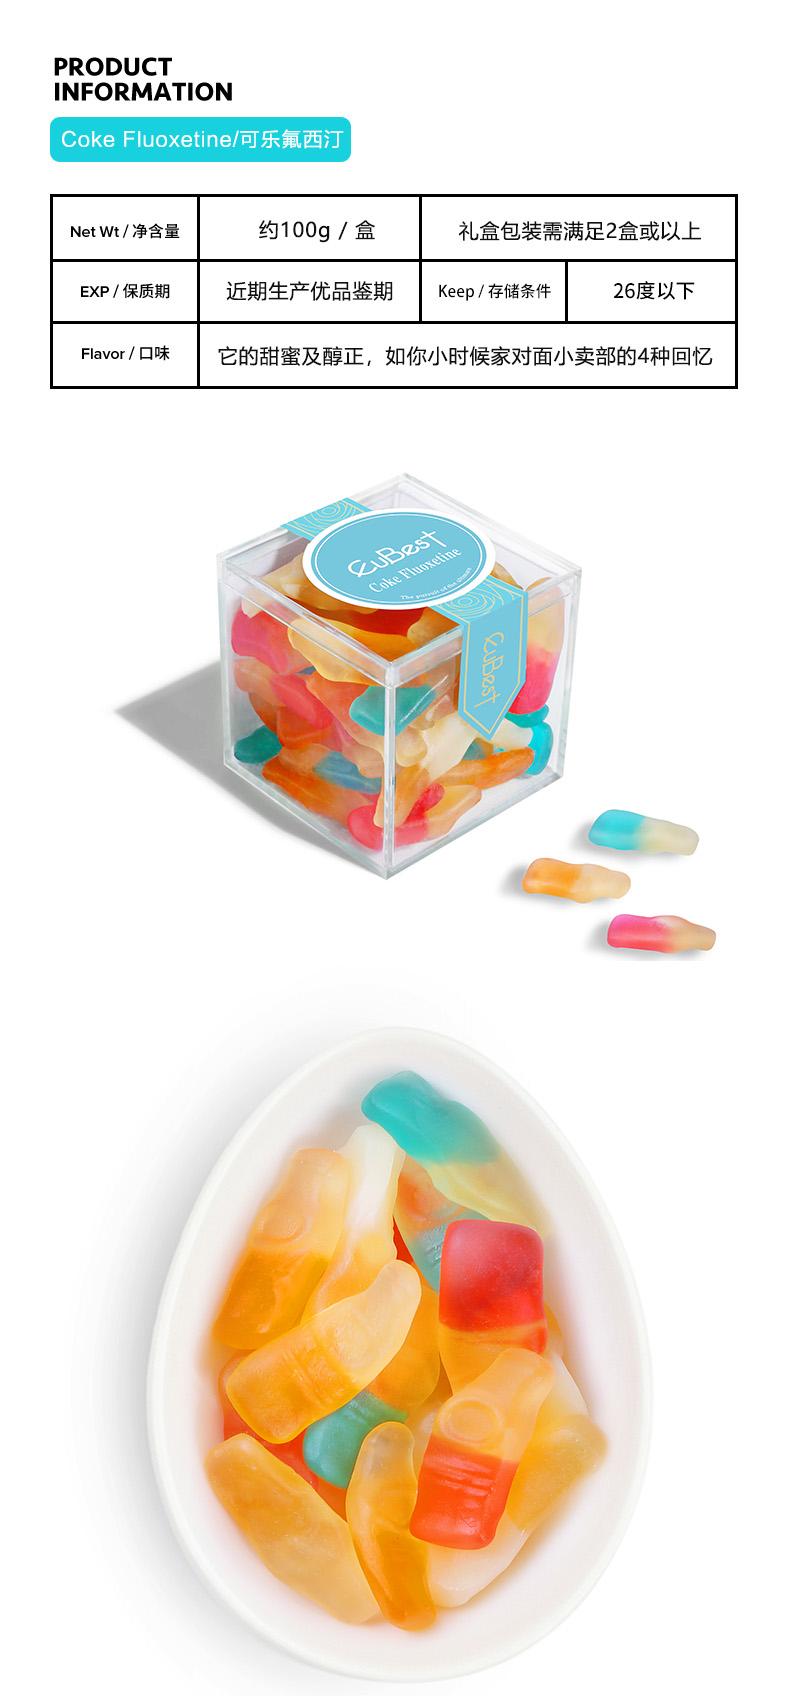 EUBEST 悦伴 小立方香体糖 聚划算+天猫优惠券折后¥14.9包邮(¥29.9-15)多味可选